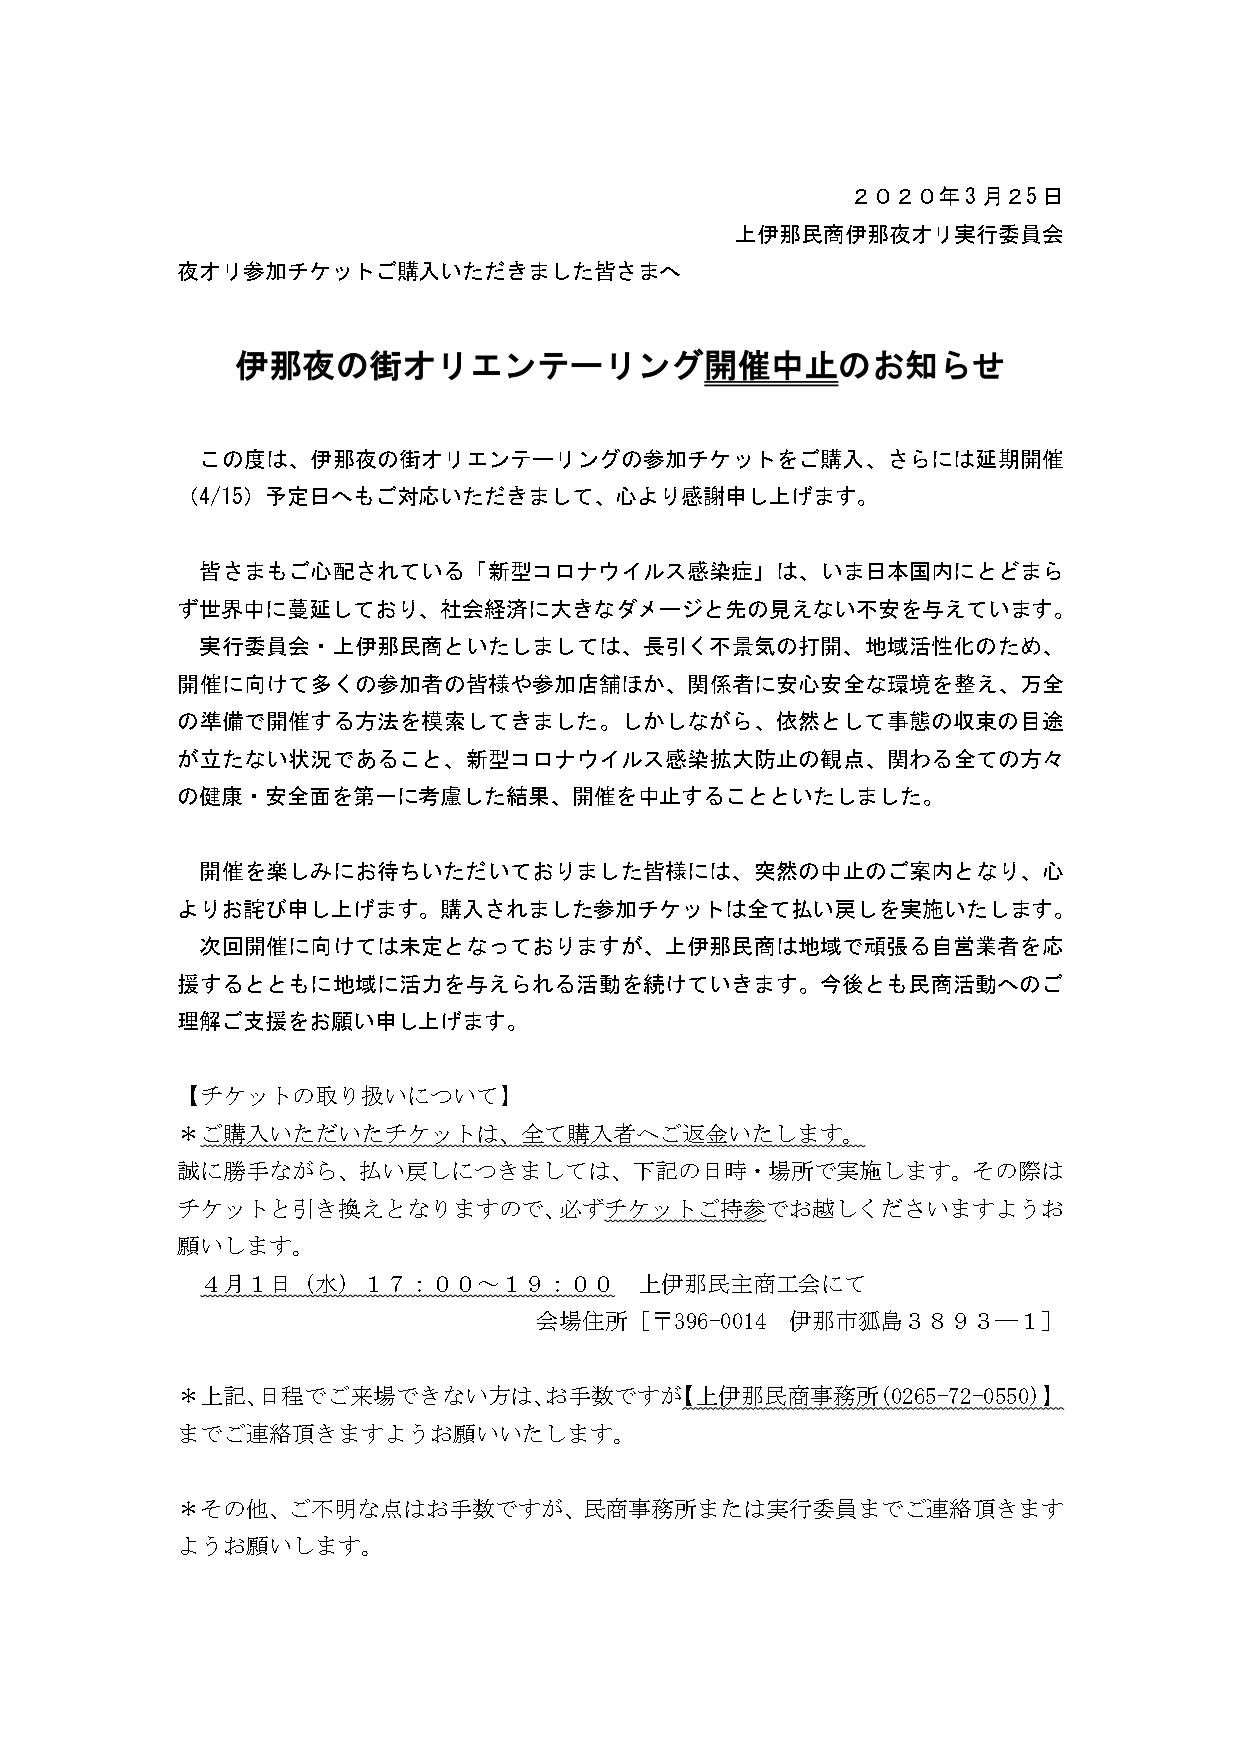 夜オリ中止文書(購入者)_page-0001